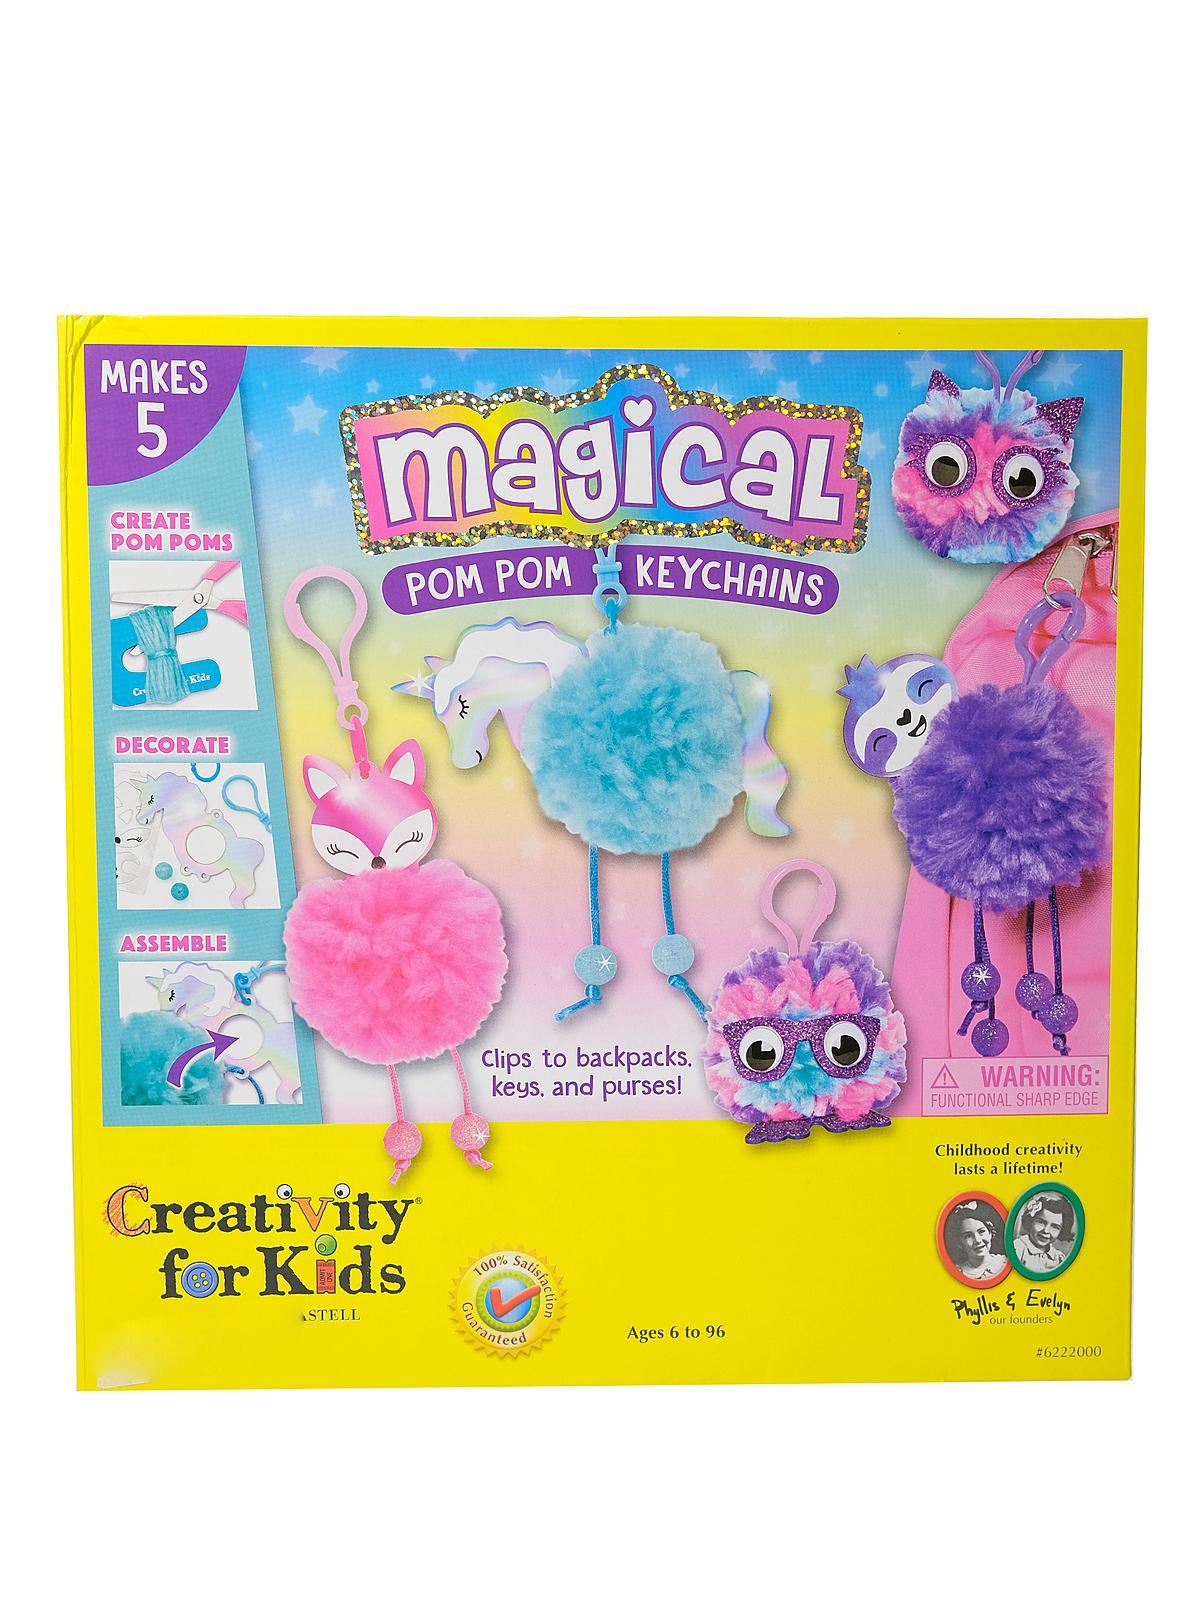 Creativity For Kids - Magical Pom Pom Keychains